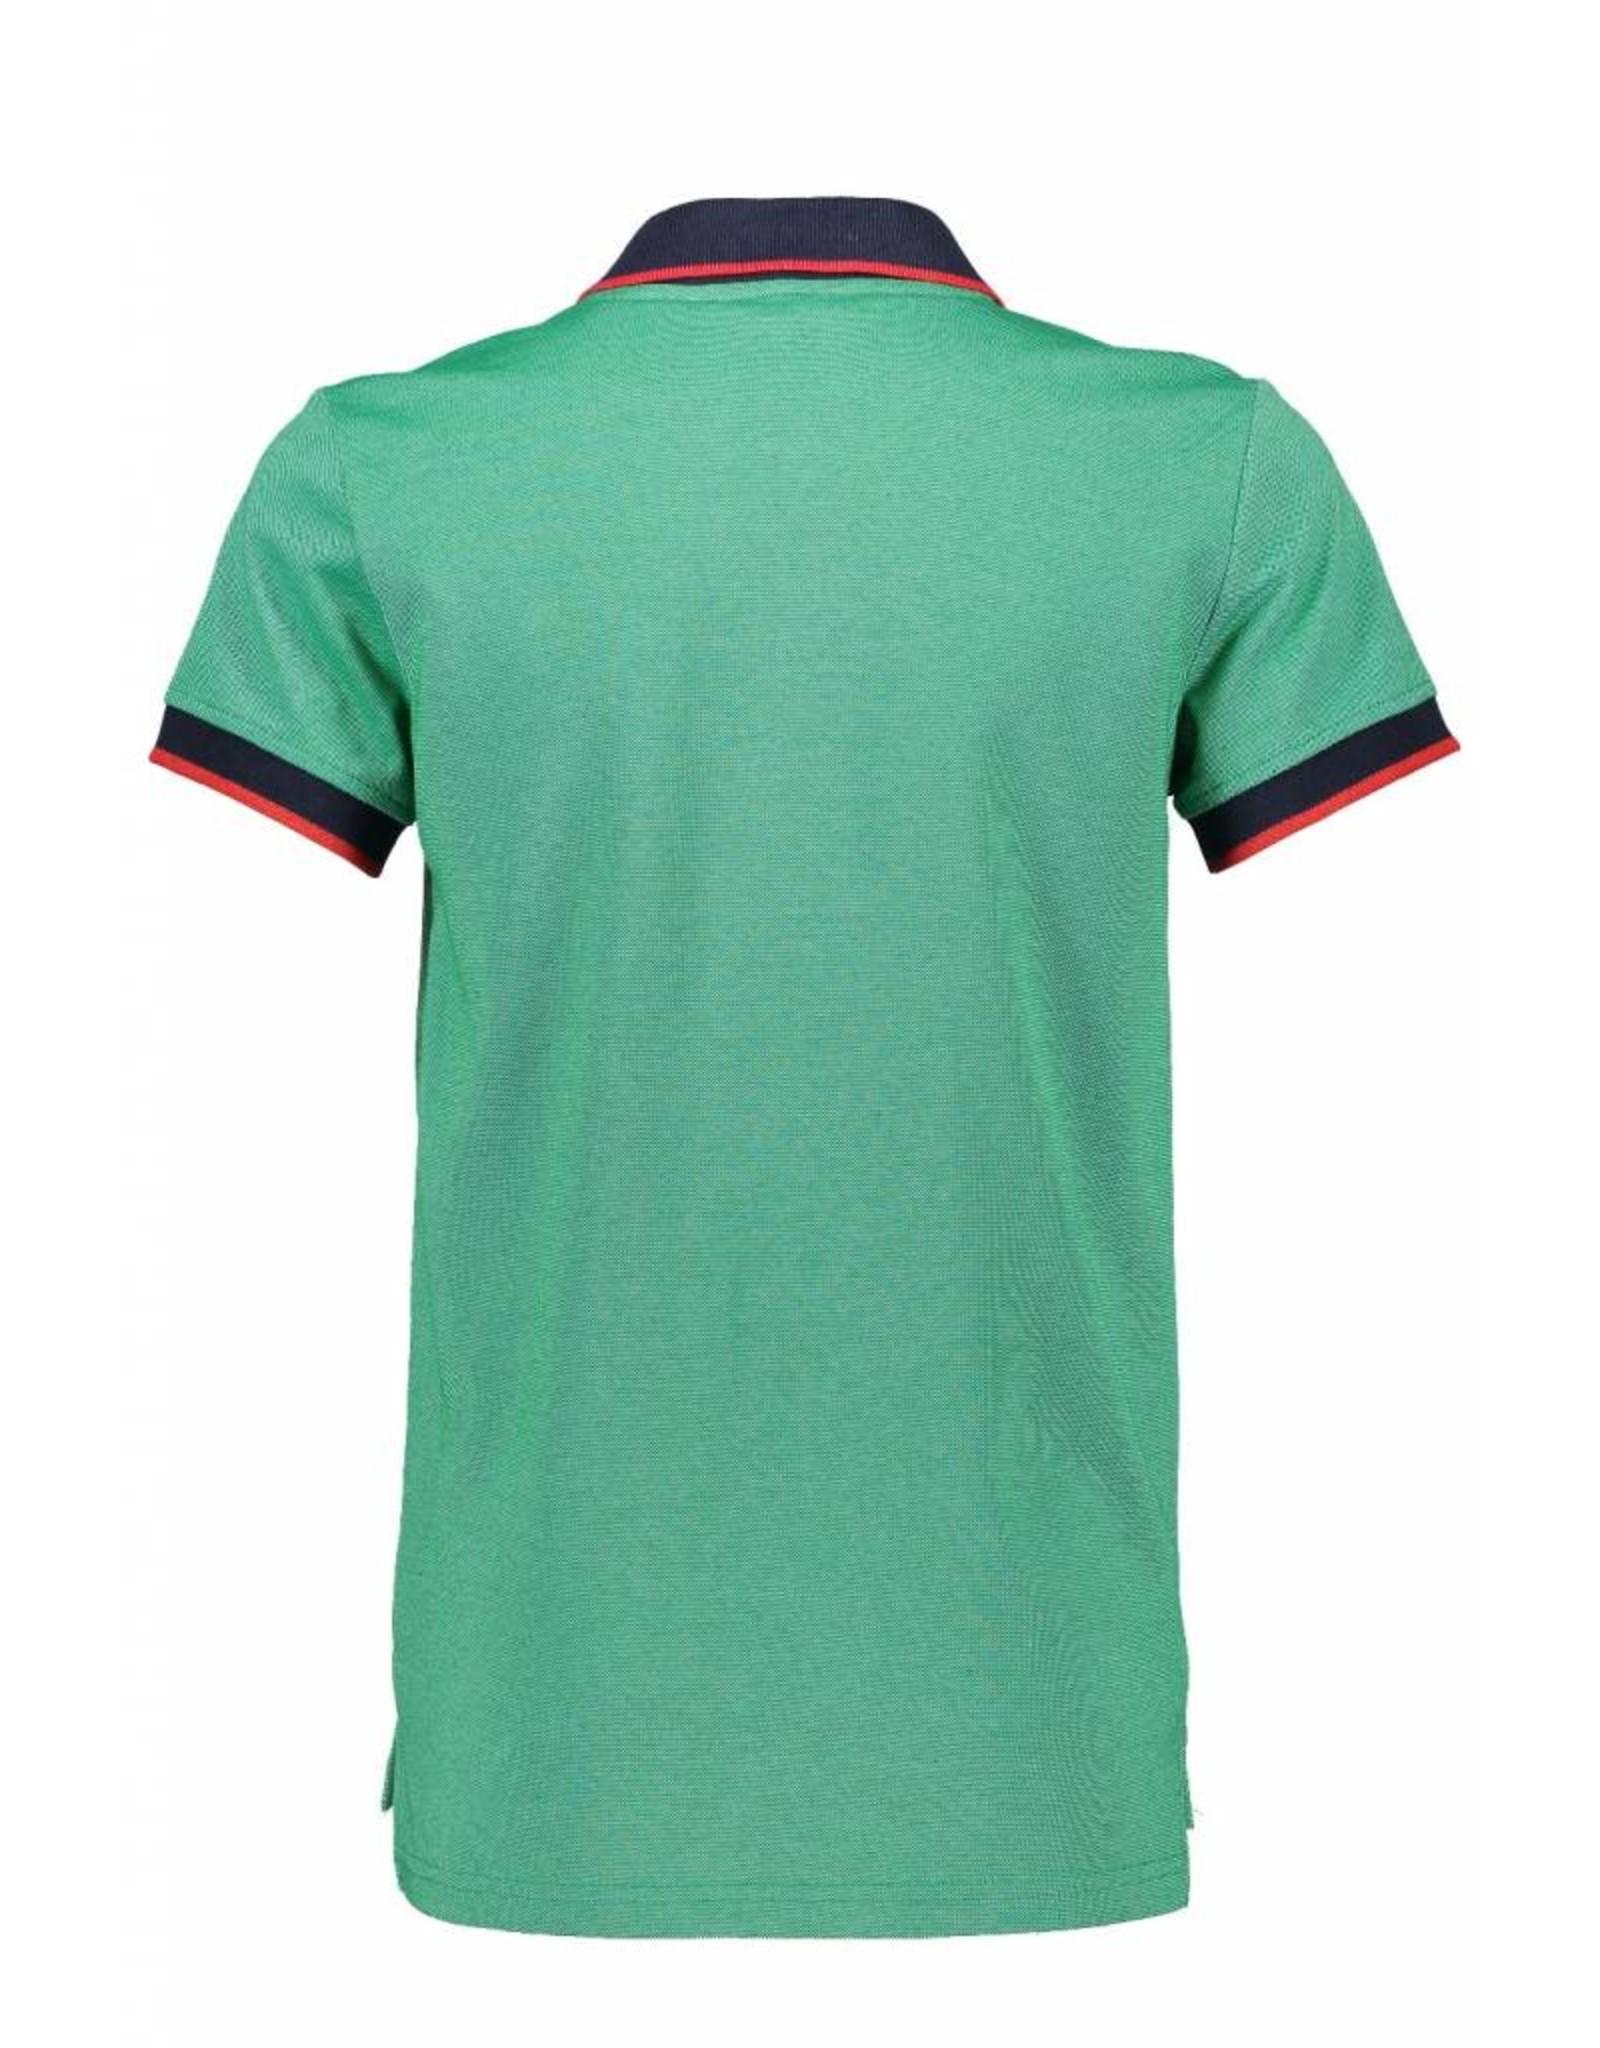 Bellaire Bellaire Kolo short sleeve piqué Polo Grass Green